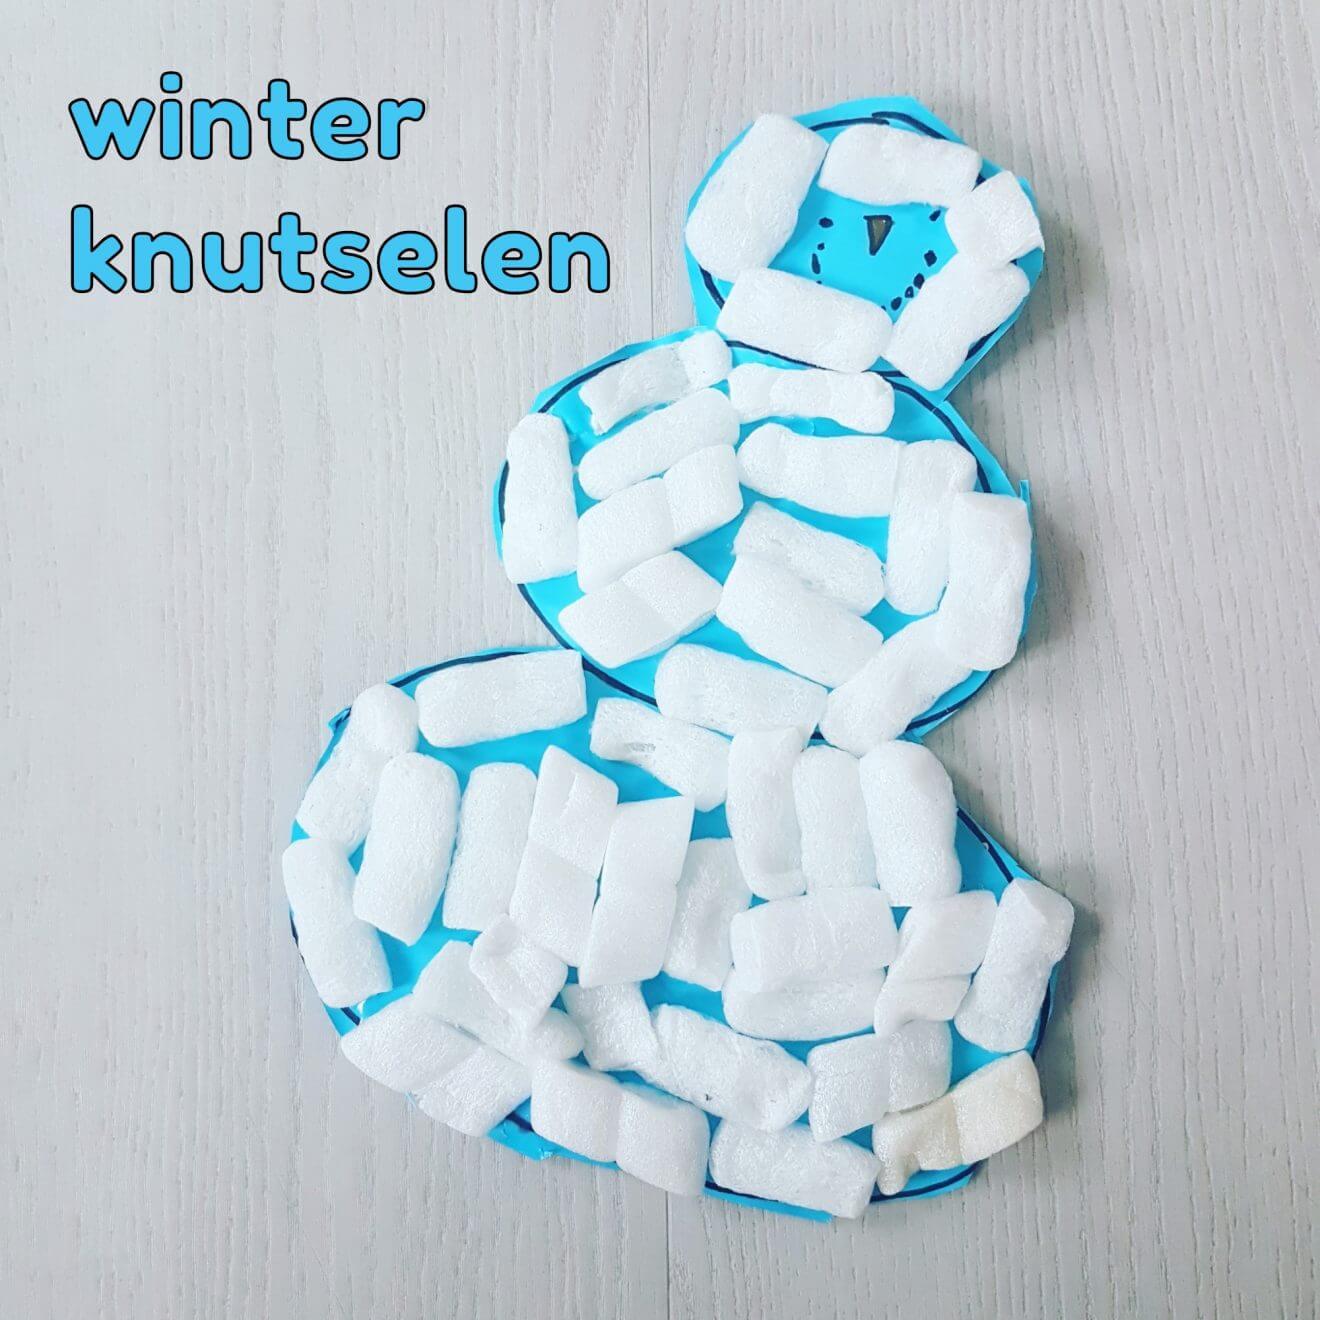 Winter knutsels: met de kinderen knutselen in winter thema